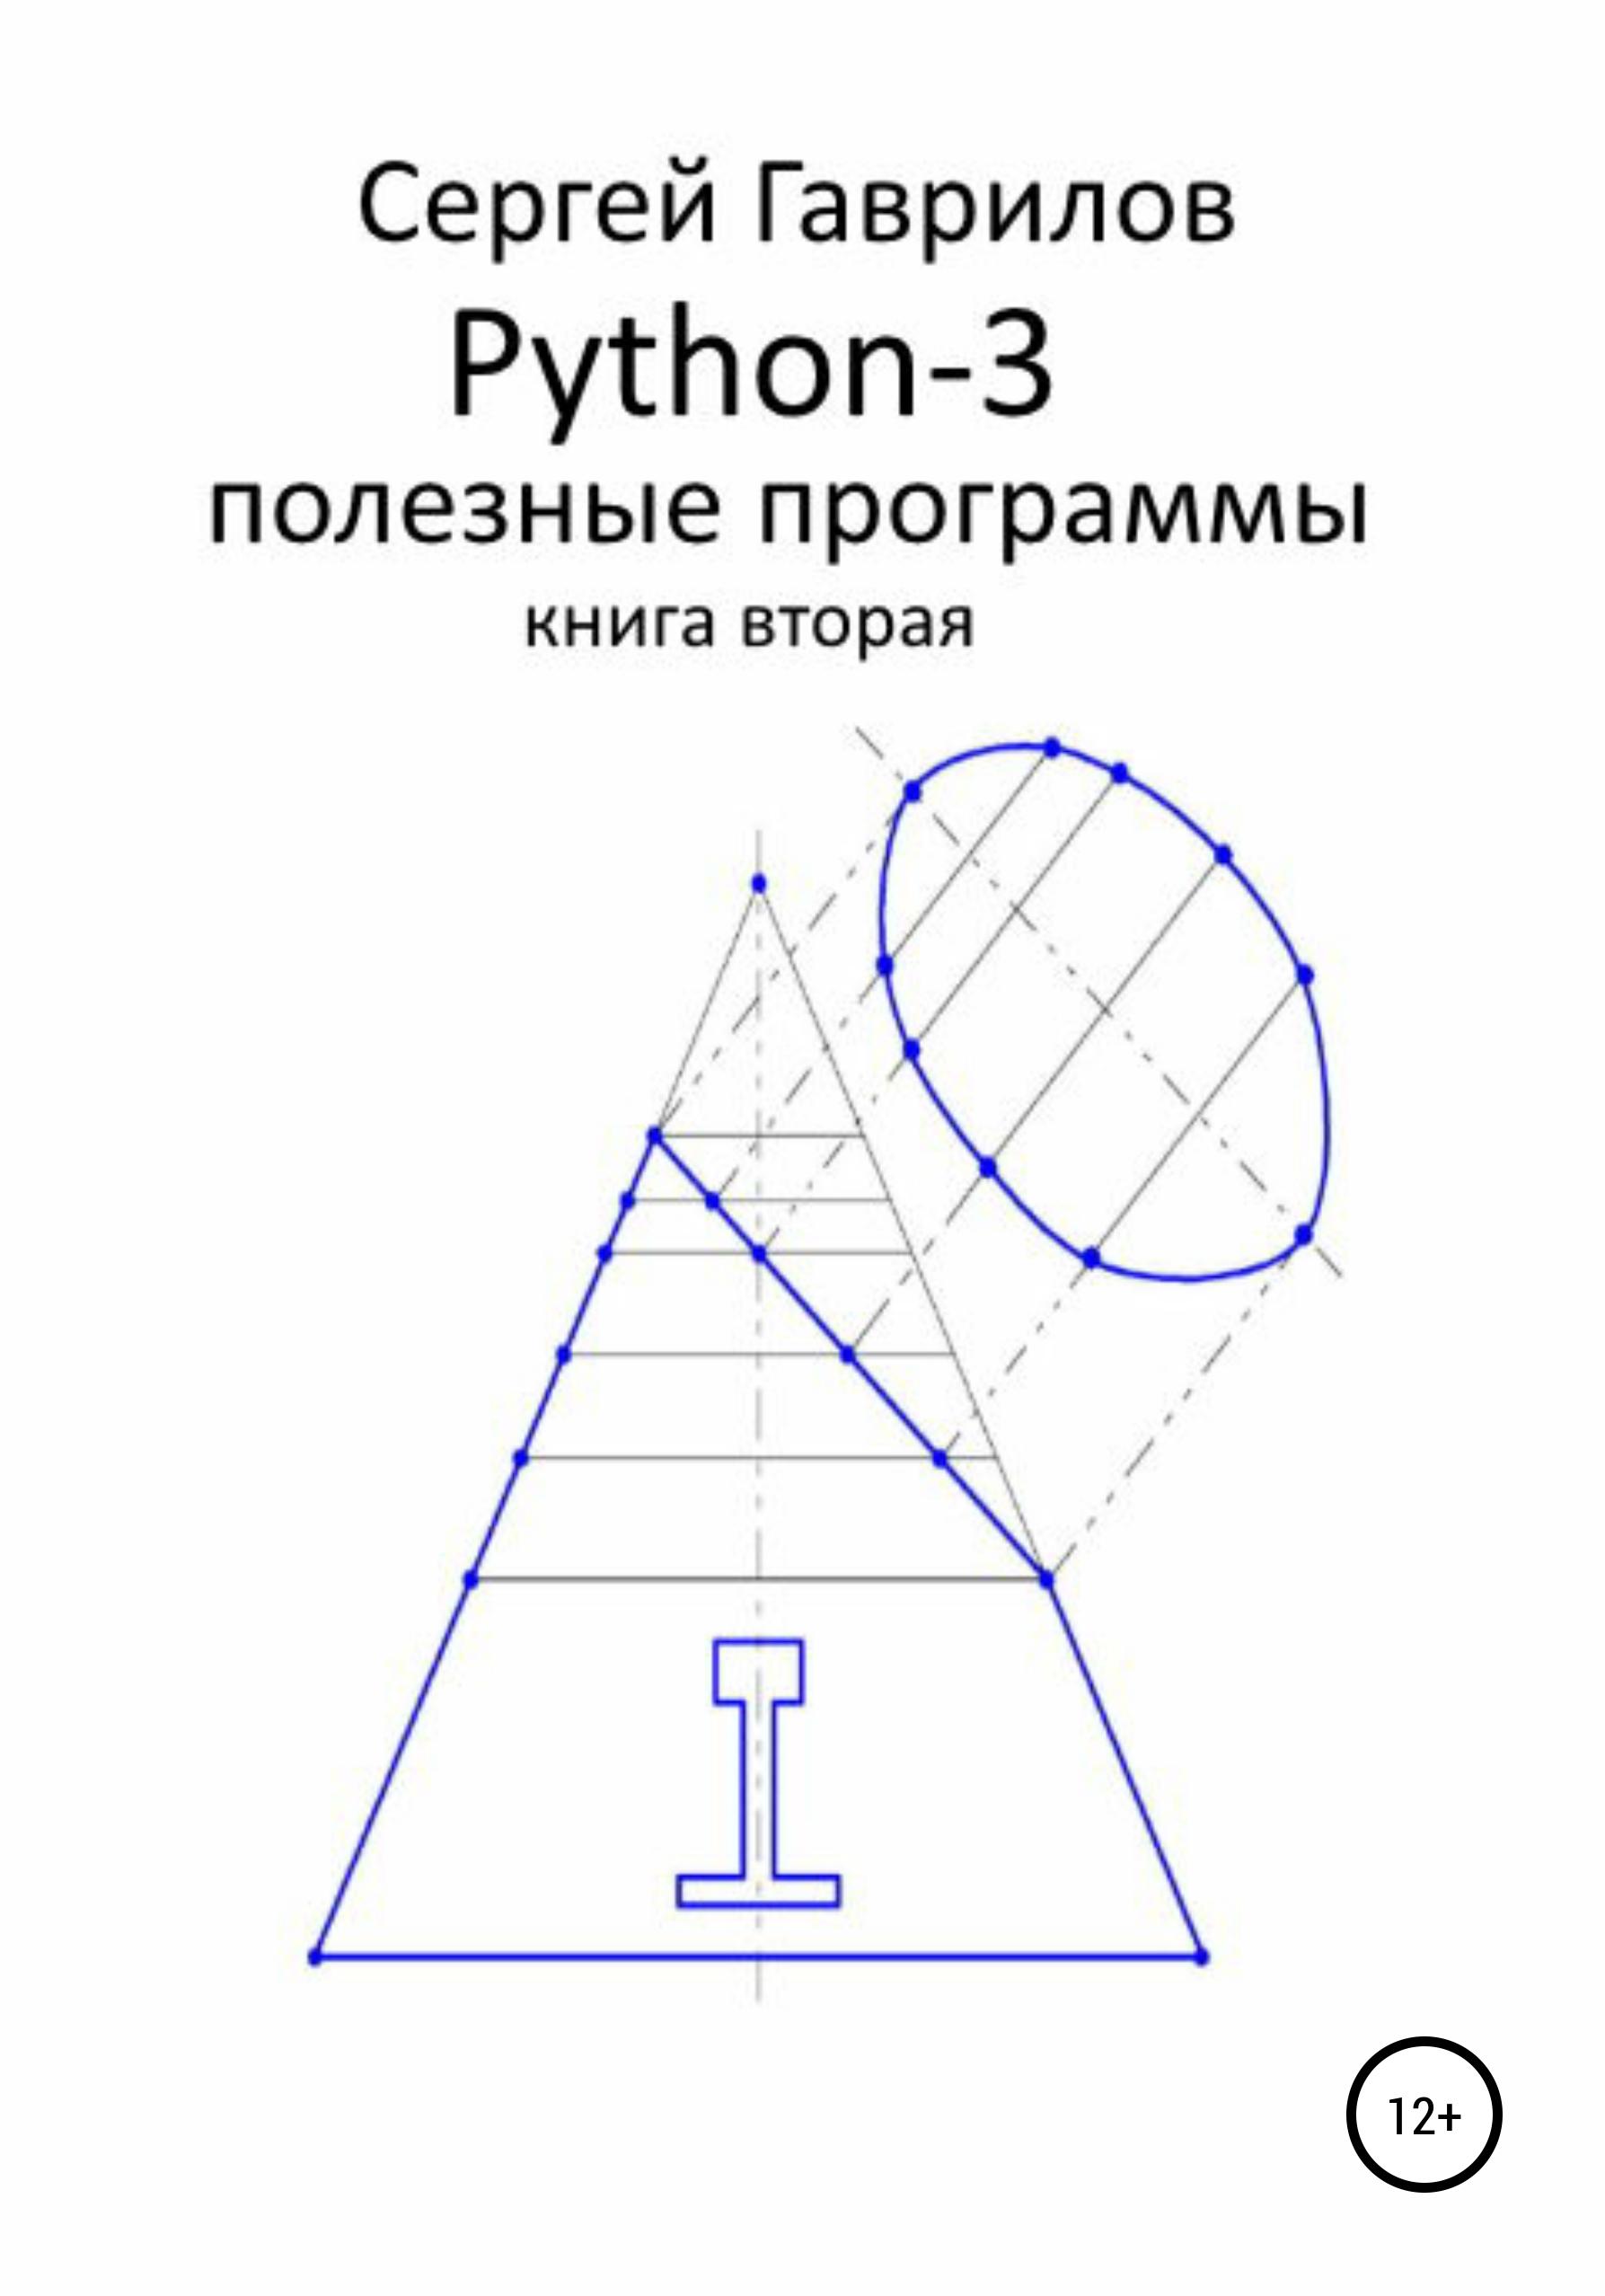 Сергей Гаврилов - Python-3. Полезные программы. Книга вторая